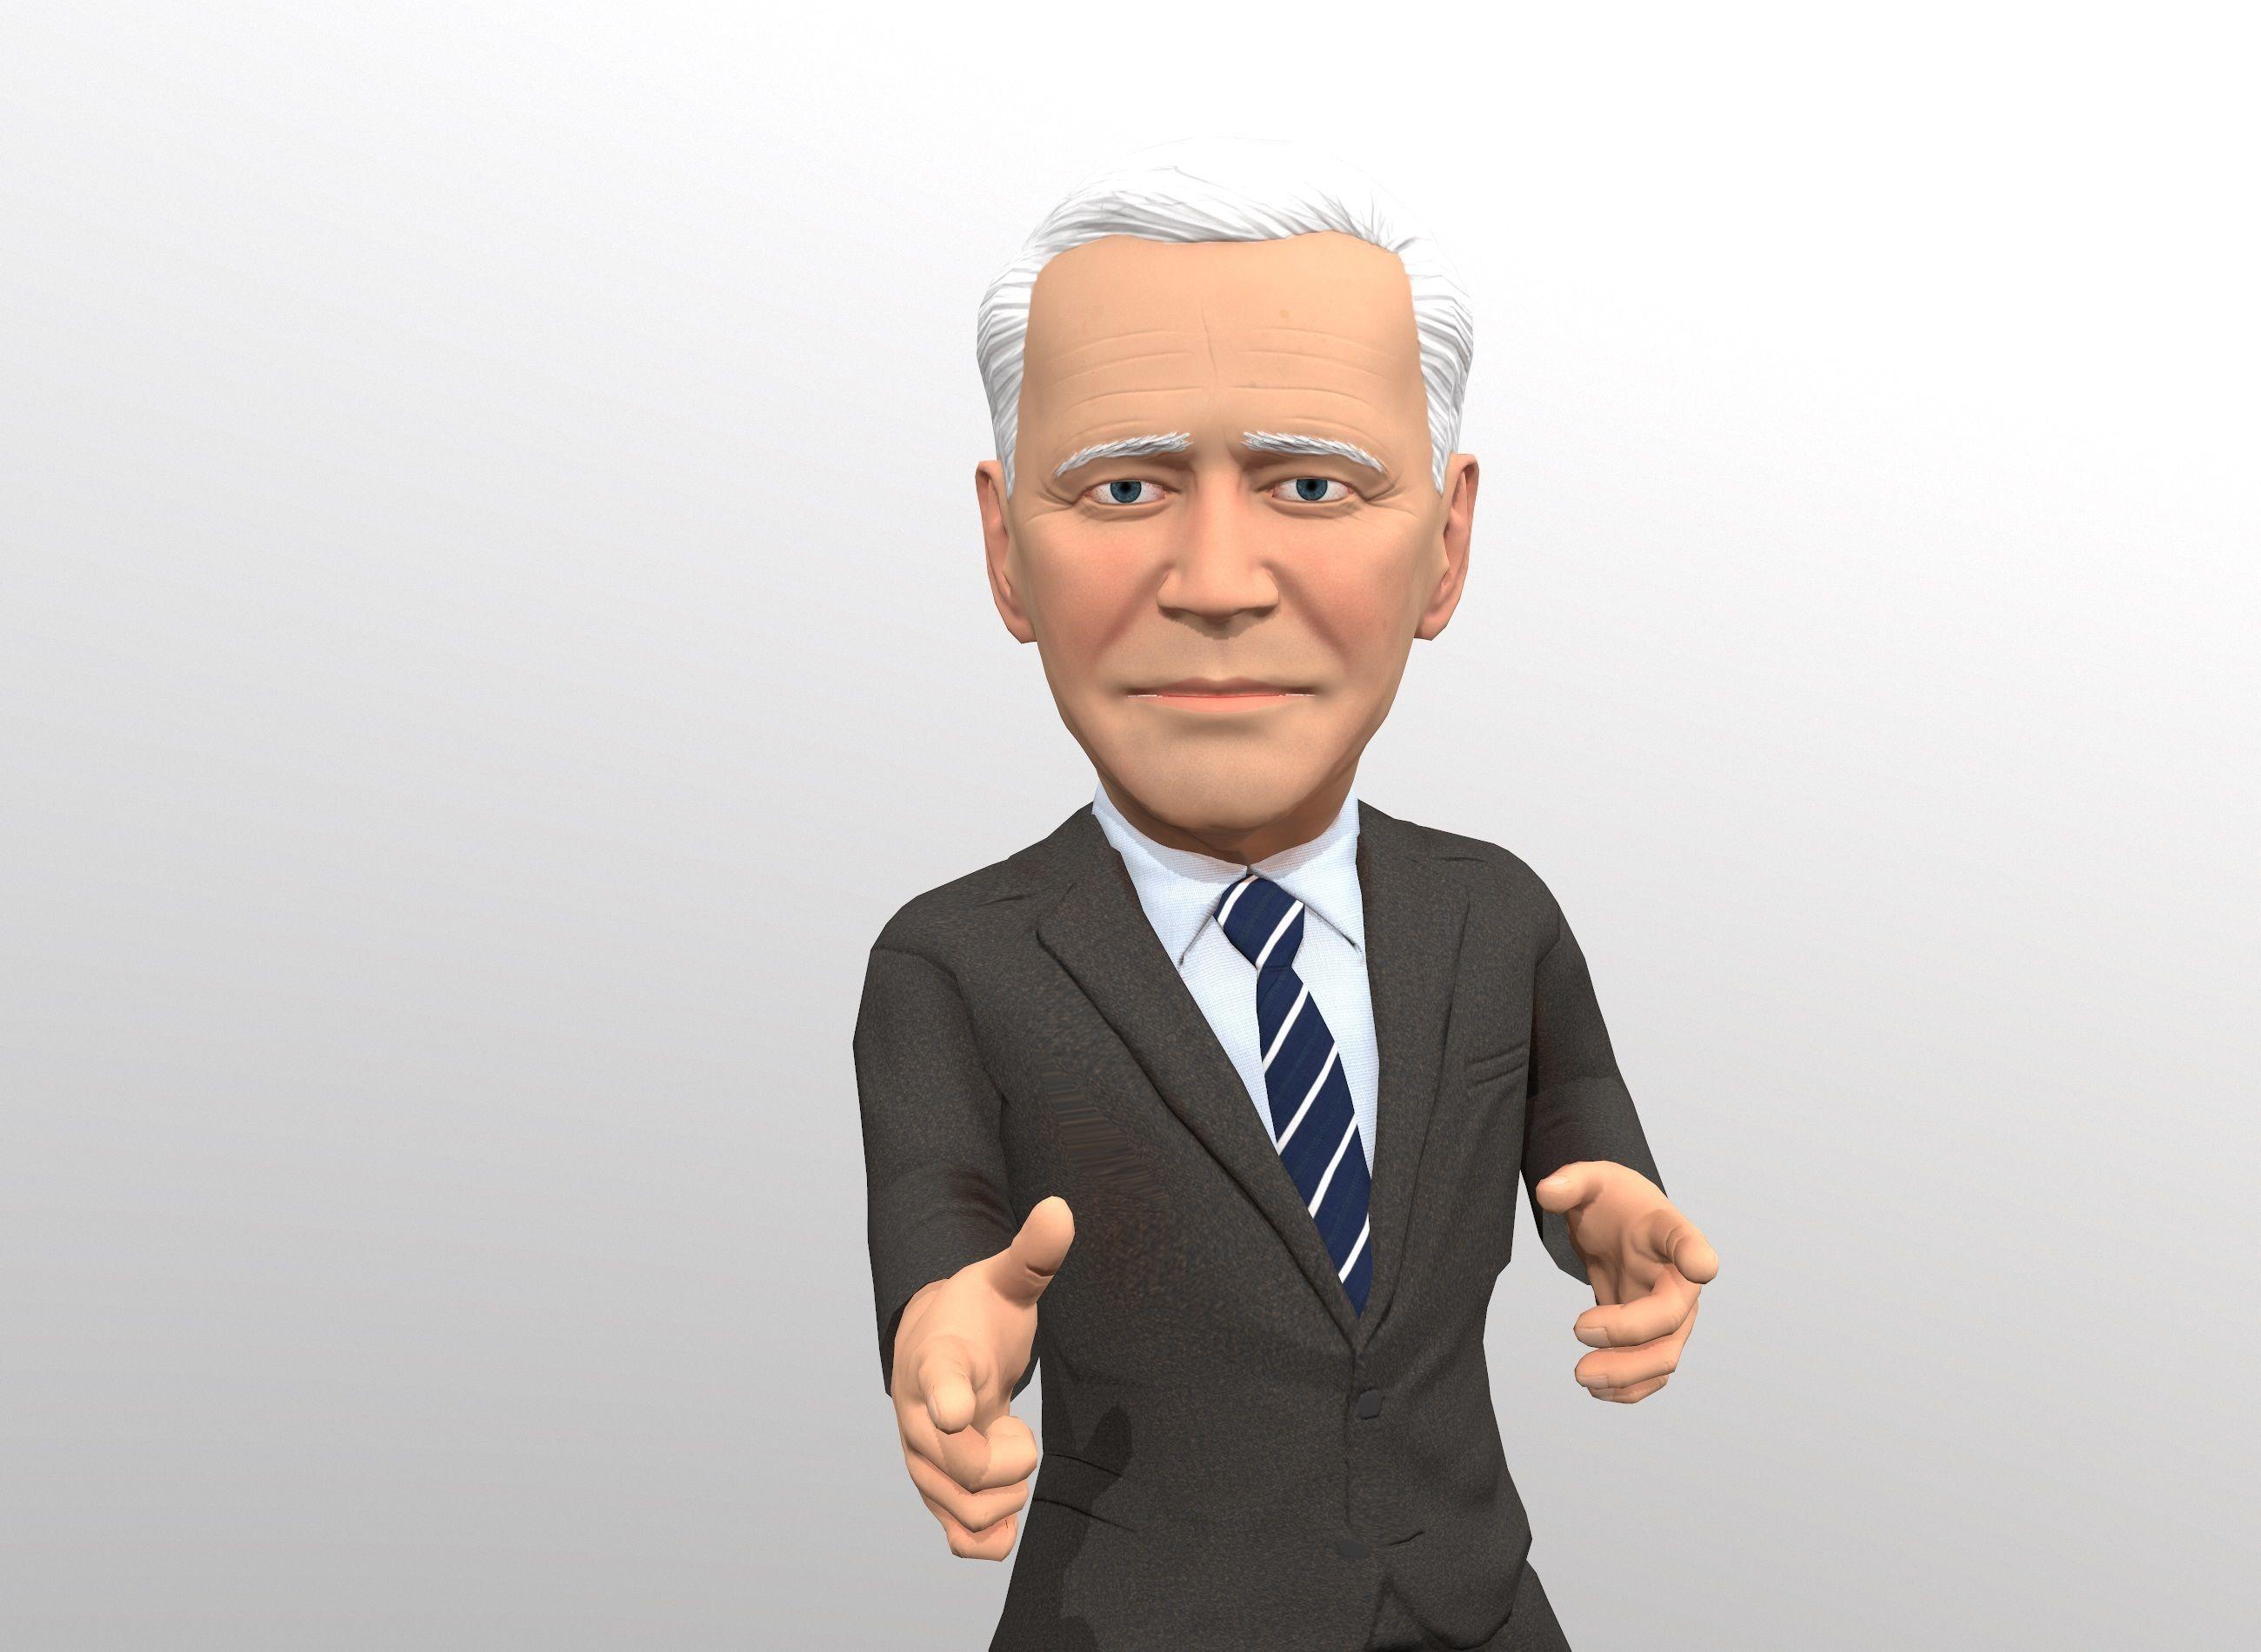 Joe Biden stylized 3D caricature